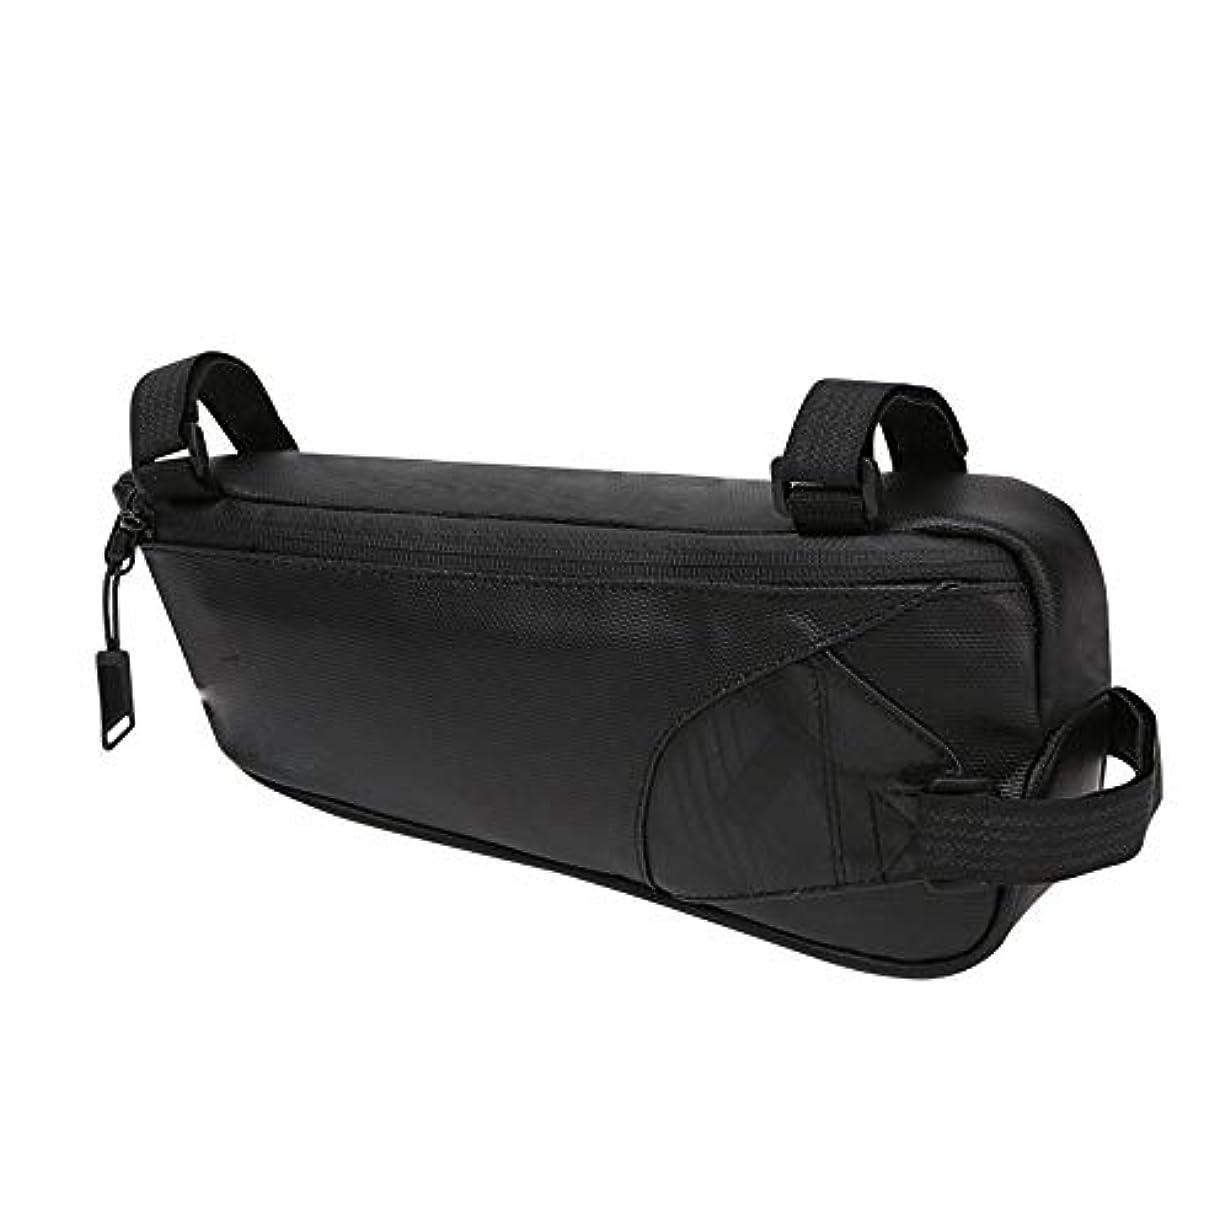 最初は才能不足サイクリングフレームバッグ 屋外MTBのロードバイクのために防水バイク袋のバイクの三角形フレーム袋の防水 電話収納バッグ (Color : Black, Size : 28*12*6cm)